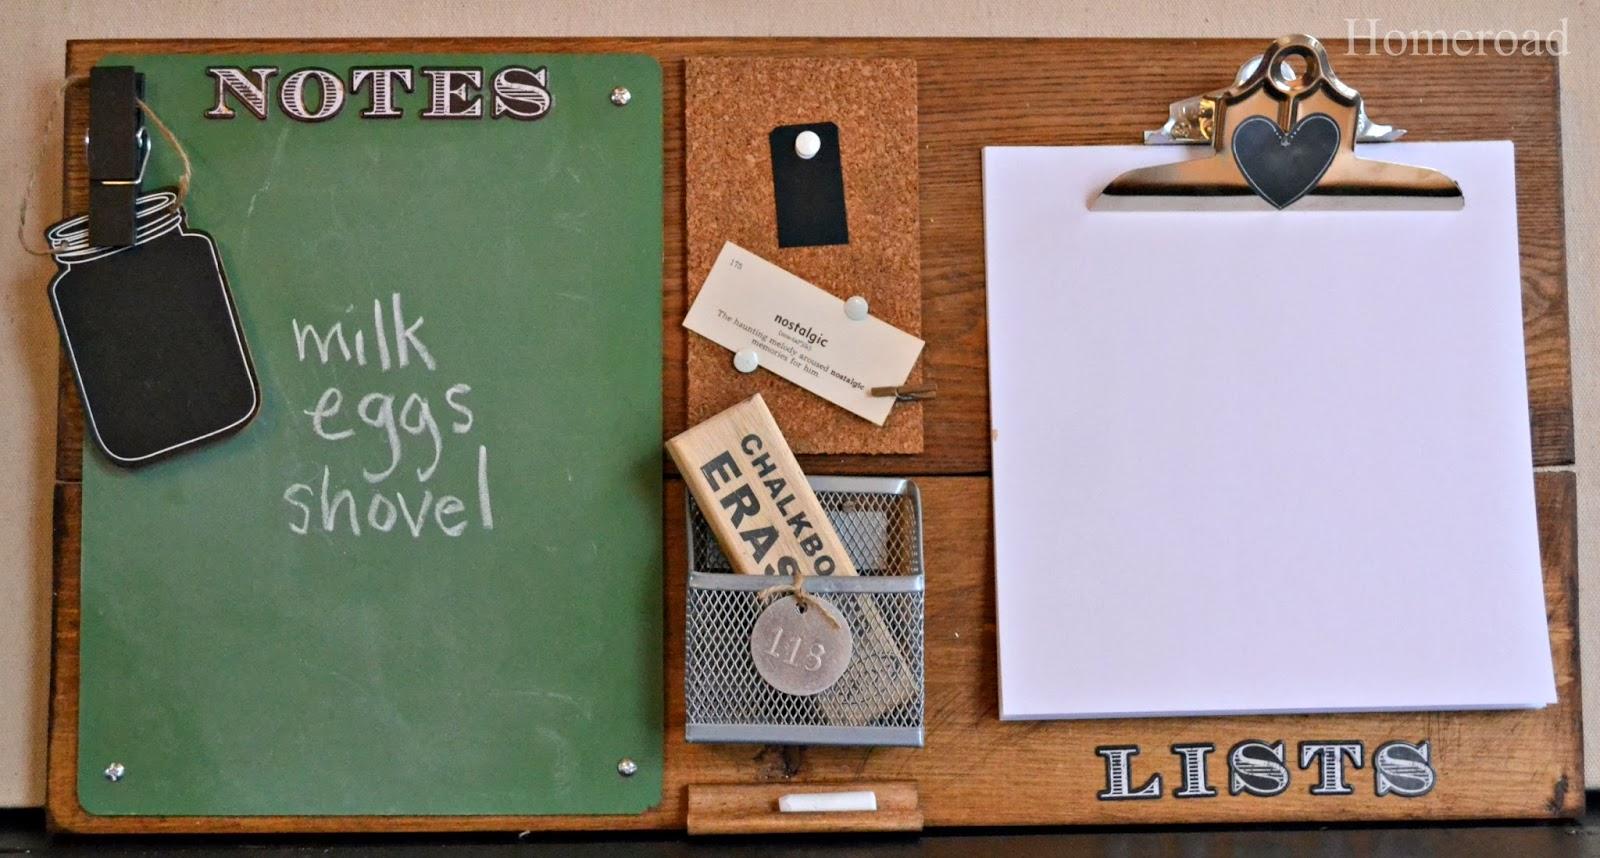 chalkboard message center www.homeroad.net